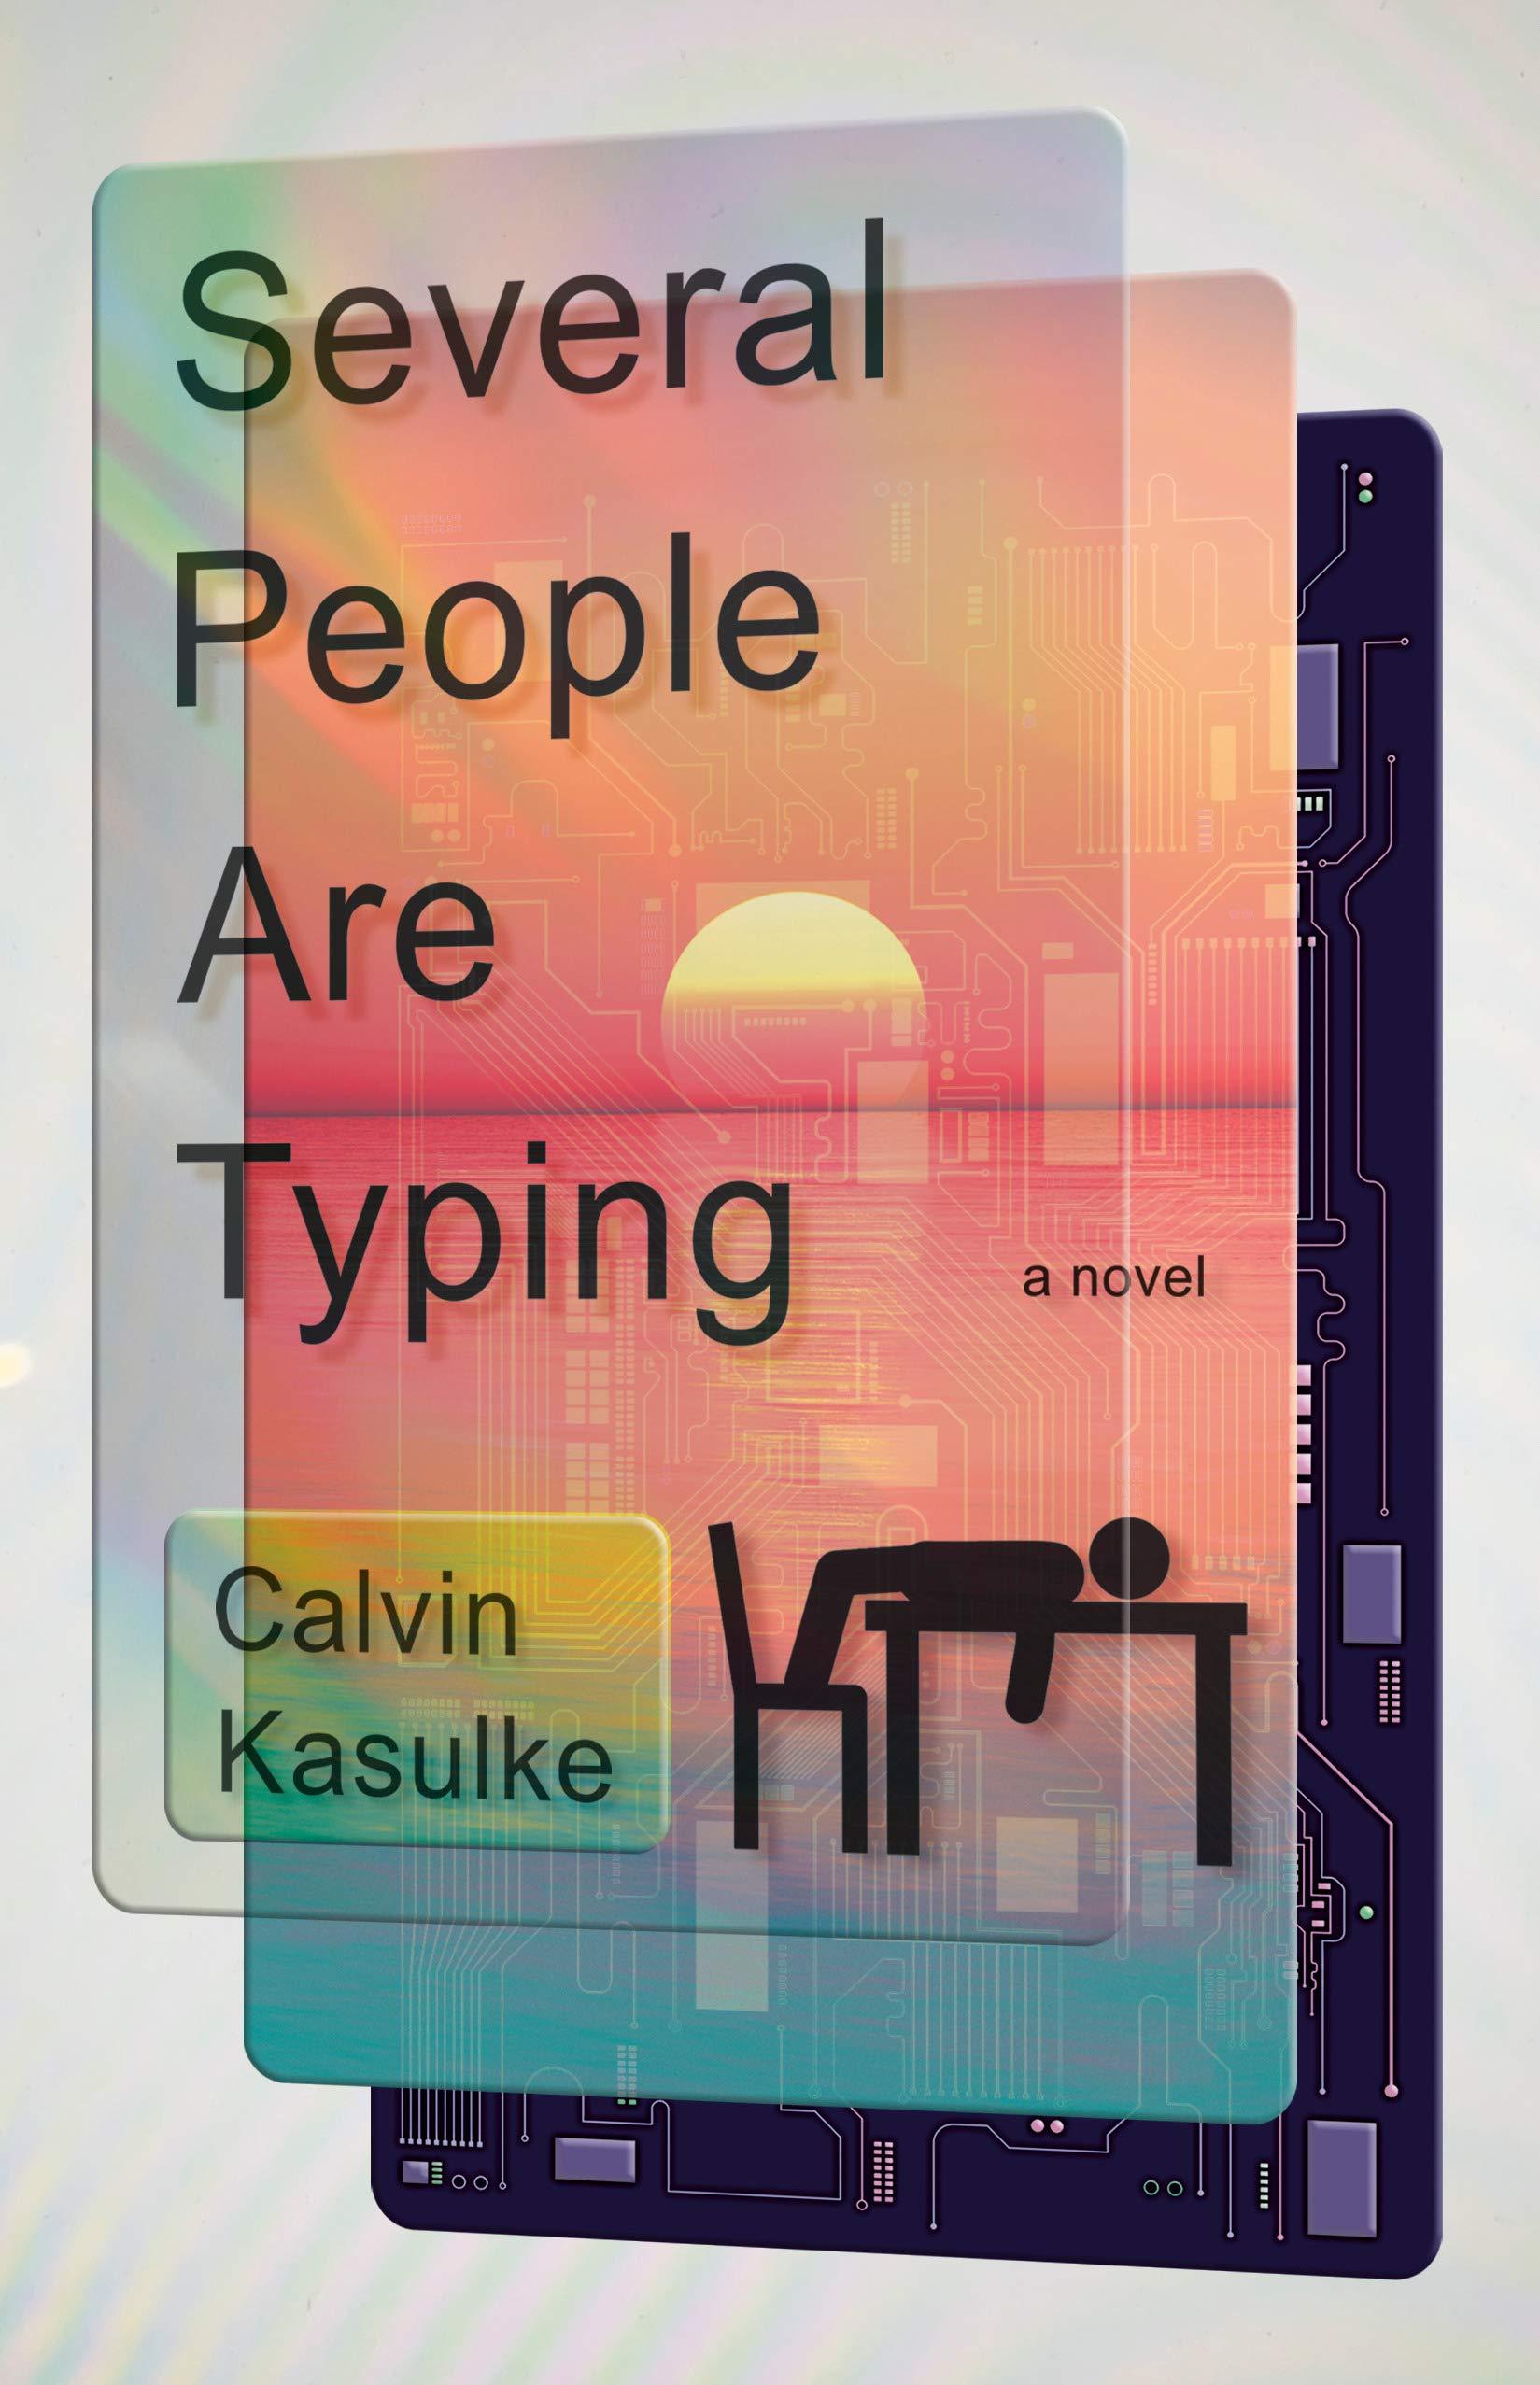 """Calvin Kasulke,<em><a href=""""https://bookshop.org/a/132/9780385547222"""" target=""""_blank"""" rel=""""noopener"""">Several People are Typing</a></em>(Doubleday, August 31)"""